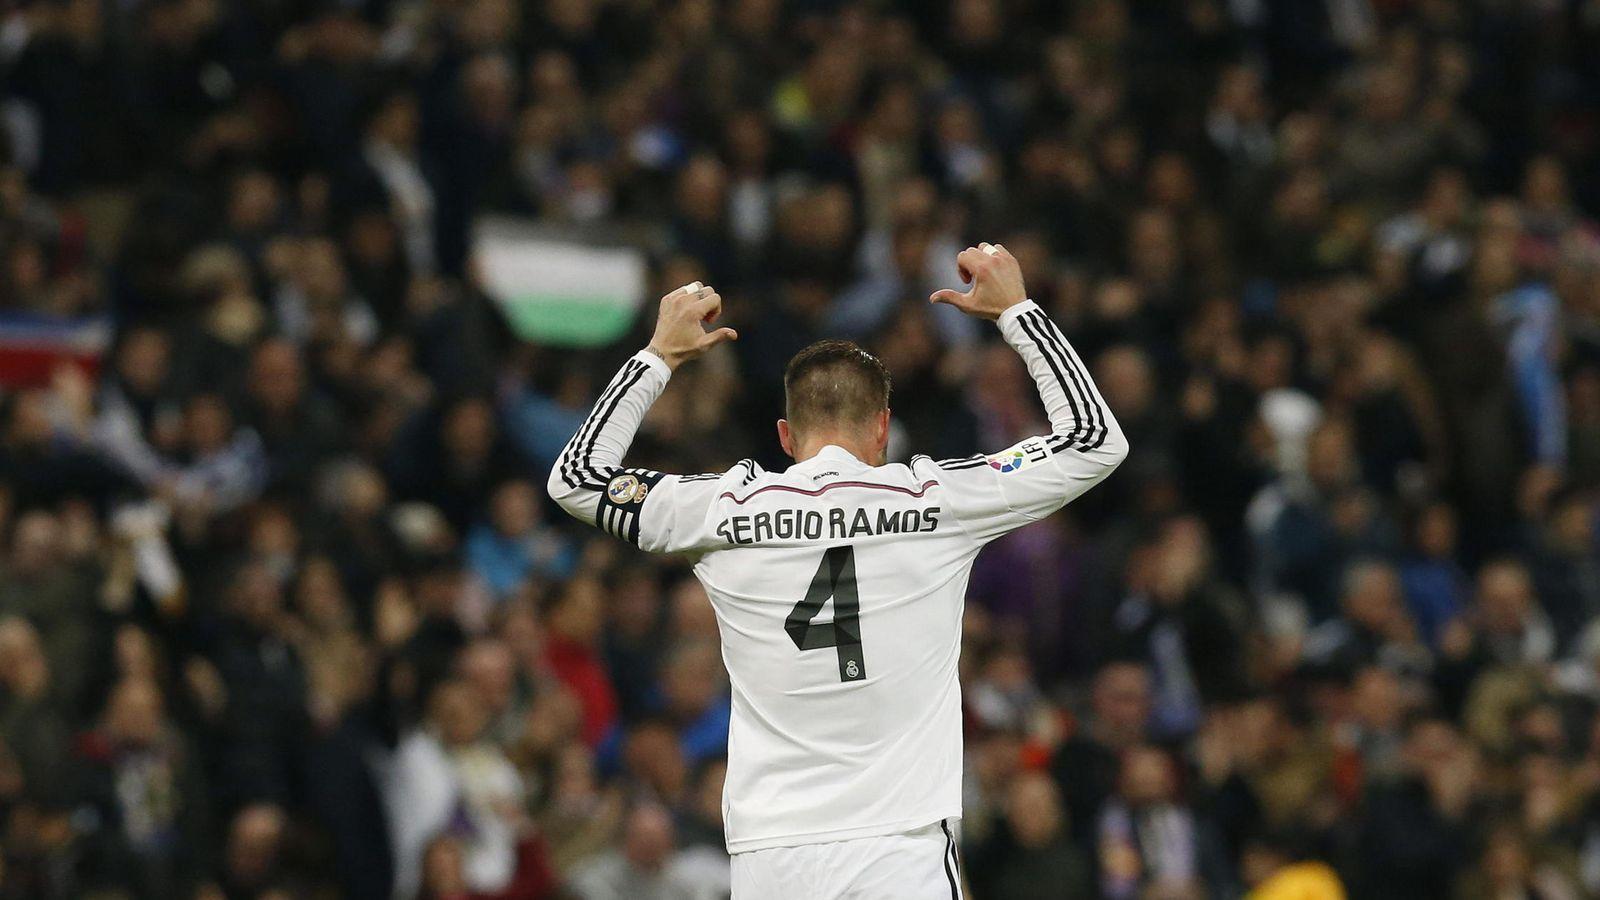 Foto: Sergio Ramos se ha convertido en uno de los grandes baluartes de la defensa del Real Madrid en los últimos años.